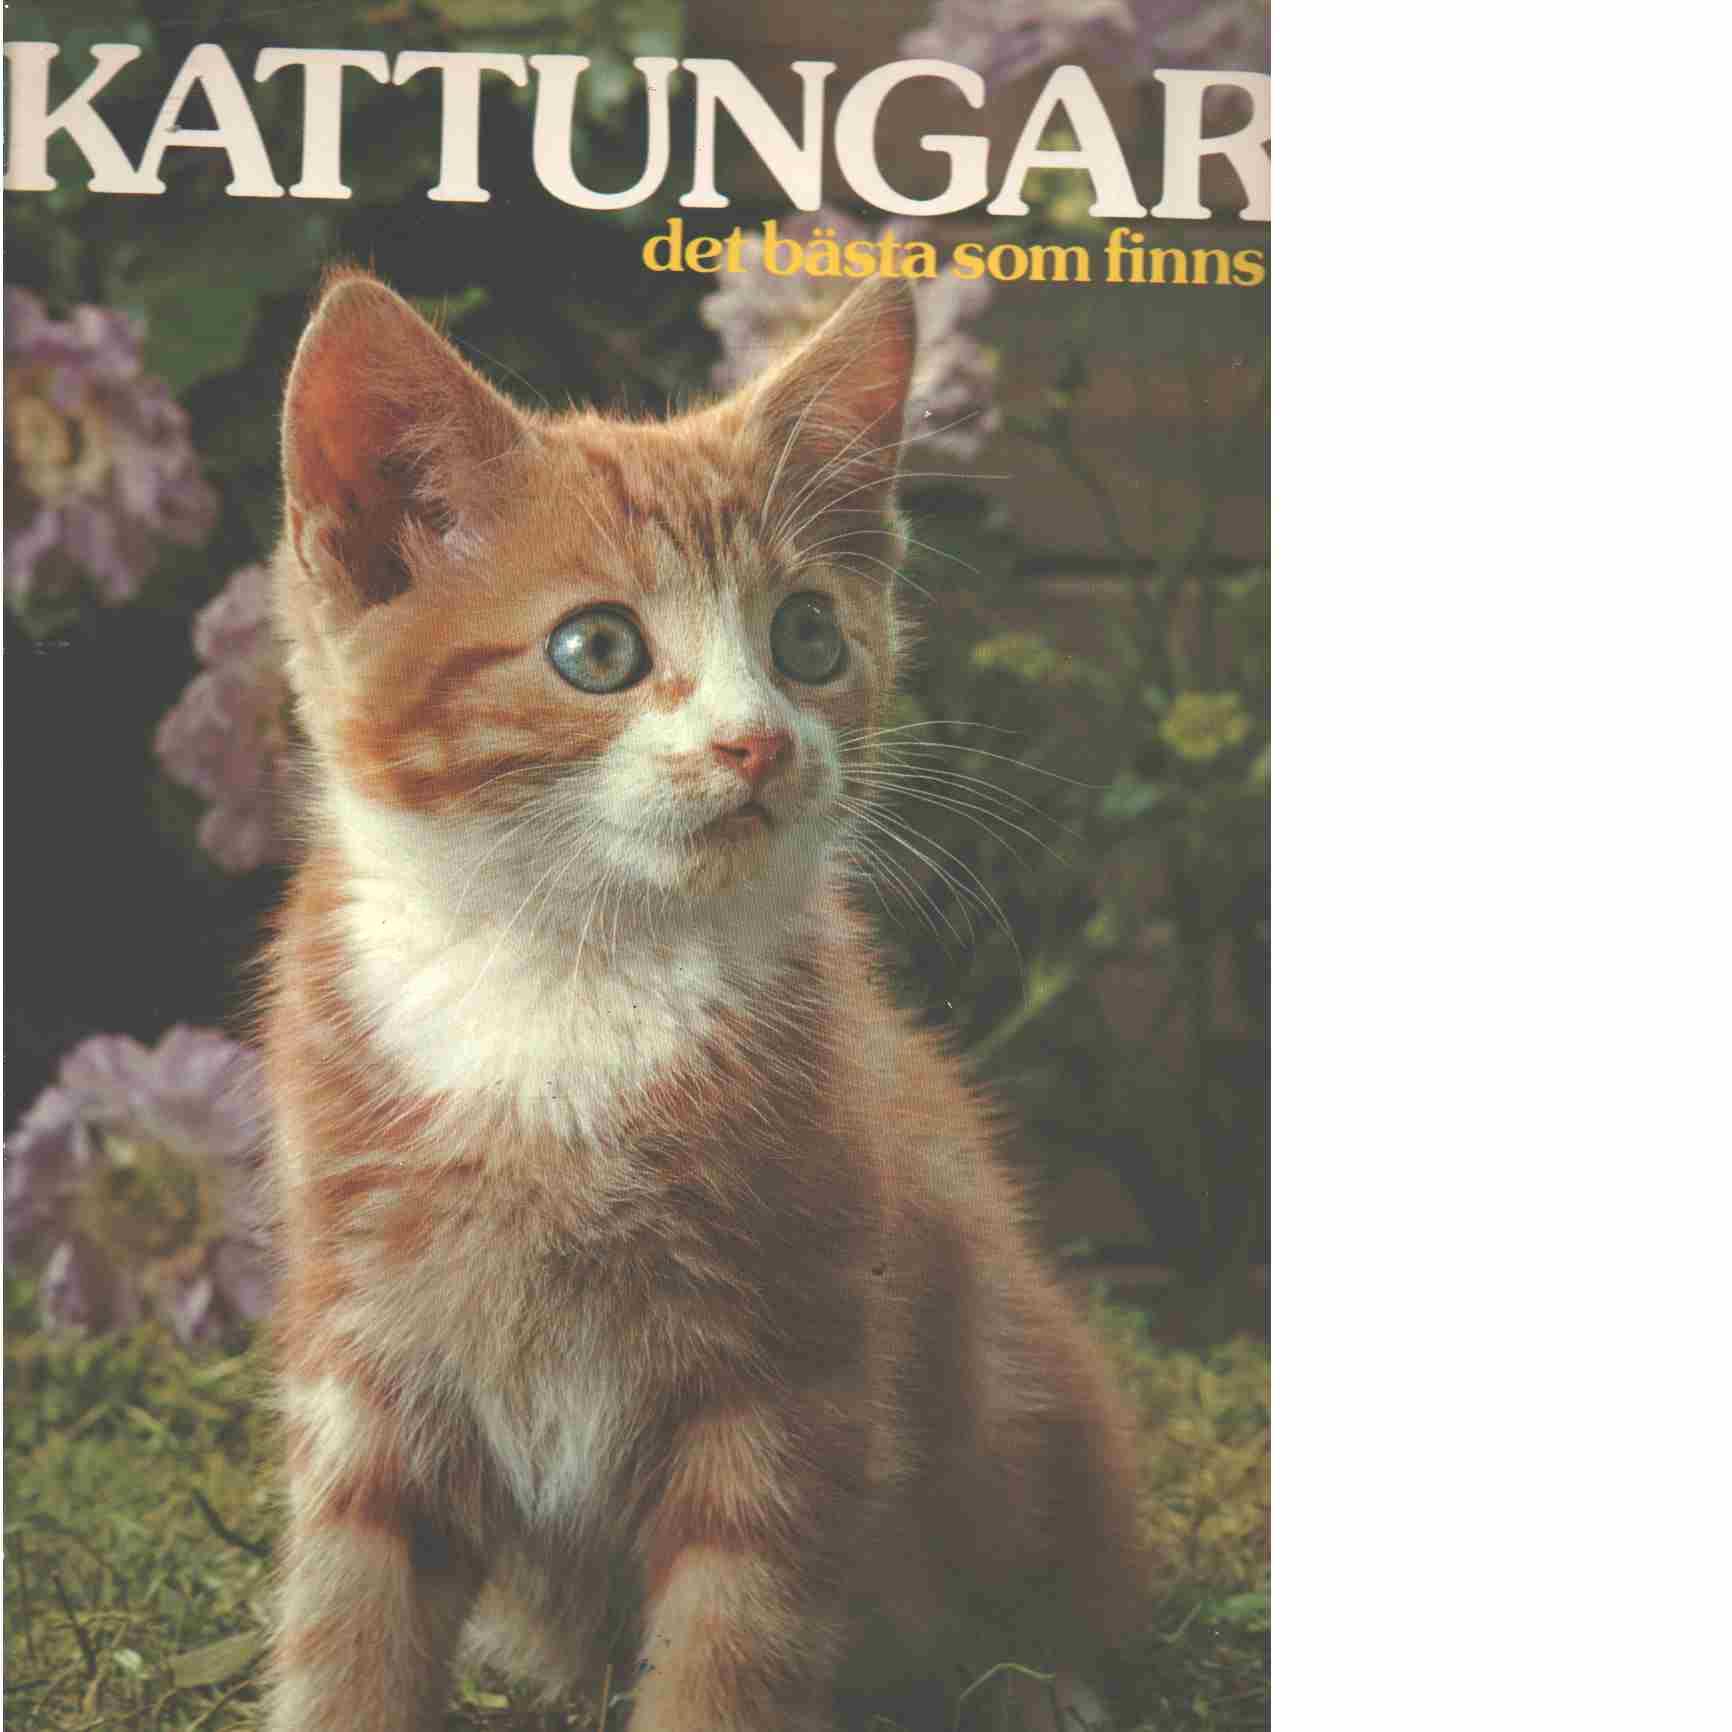 Kattungar, det bästa som finns  - Sayer, Angela